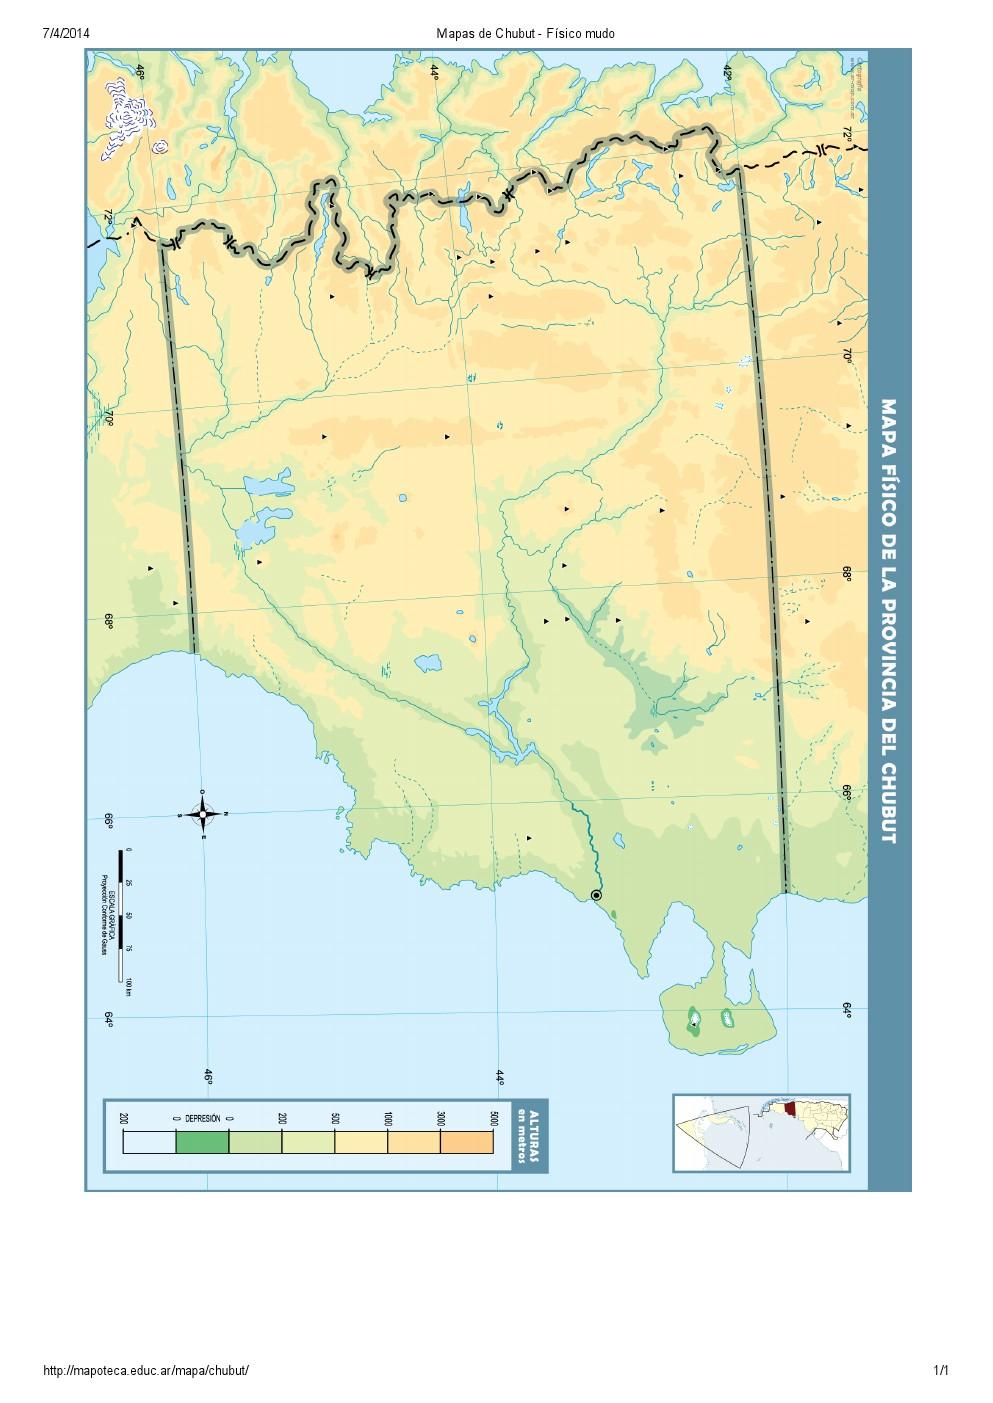 Mapa mudo de ríos del Chubut. Mapoteca de Educ.ar